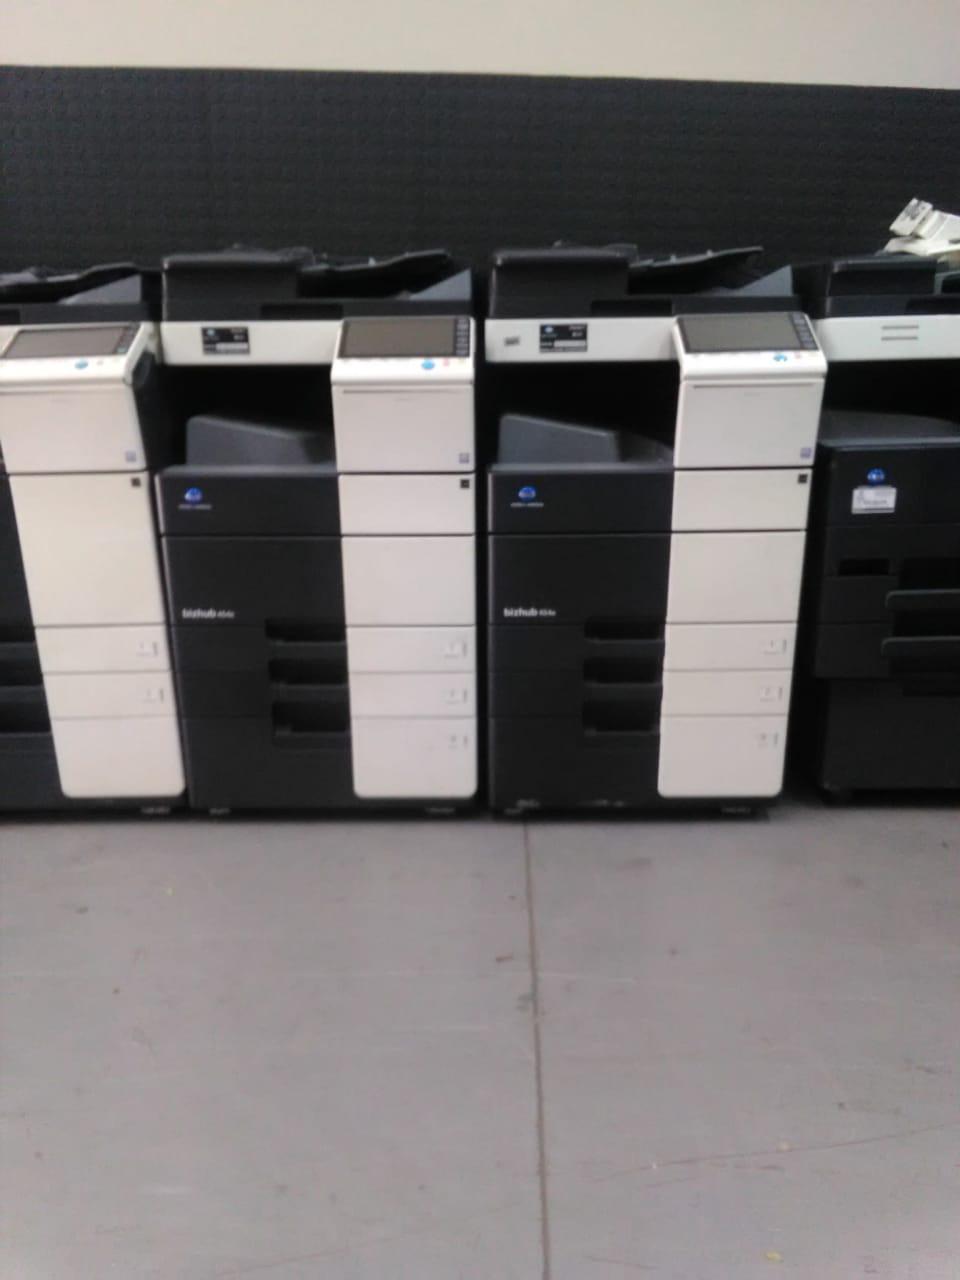 4 x Refurbished Konica Minolta C224e Multi Function Copier